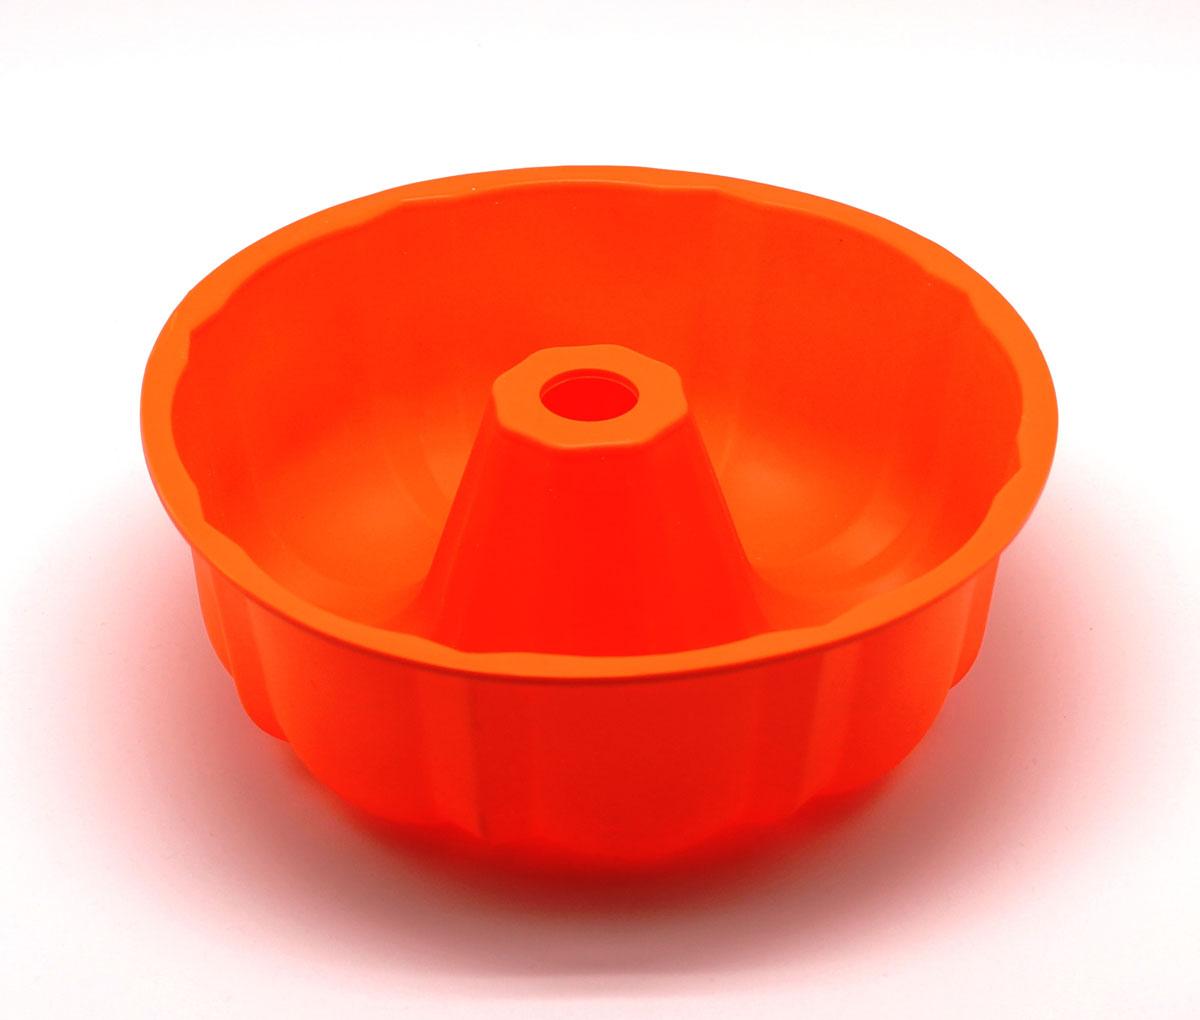 Форма для выпечки Шарлотка, цвет: оранжевый54 009303Силиконовая форма для выпечки имеет много преимуществ по сравнению с традиционной металлической и алюминевой посудой. Она идеально подходит для использования в микроволновых, гаховых и электрических печах при температурах до +230°С. Благодаря гибкости и антипригарным свойствам изделия, ваша выпечка никогда не потеряет свой внешний вид. Форма займет на Вашей кухне минимум места, ее можно свернуть и убрать в шкаф, а при очередном использовании она примет первоначальный вид.Так же хотелось бы отметить, что силикон не вступает ни в какое химическое воздействие с окружающими материалами. Следовательно, Ваша пища, изготовленная в форме из силикона, никогда не будетсодержать посторонних примисей и неприятных запахов.